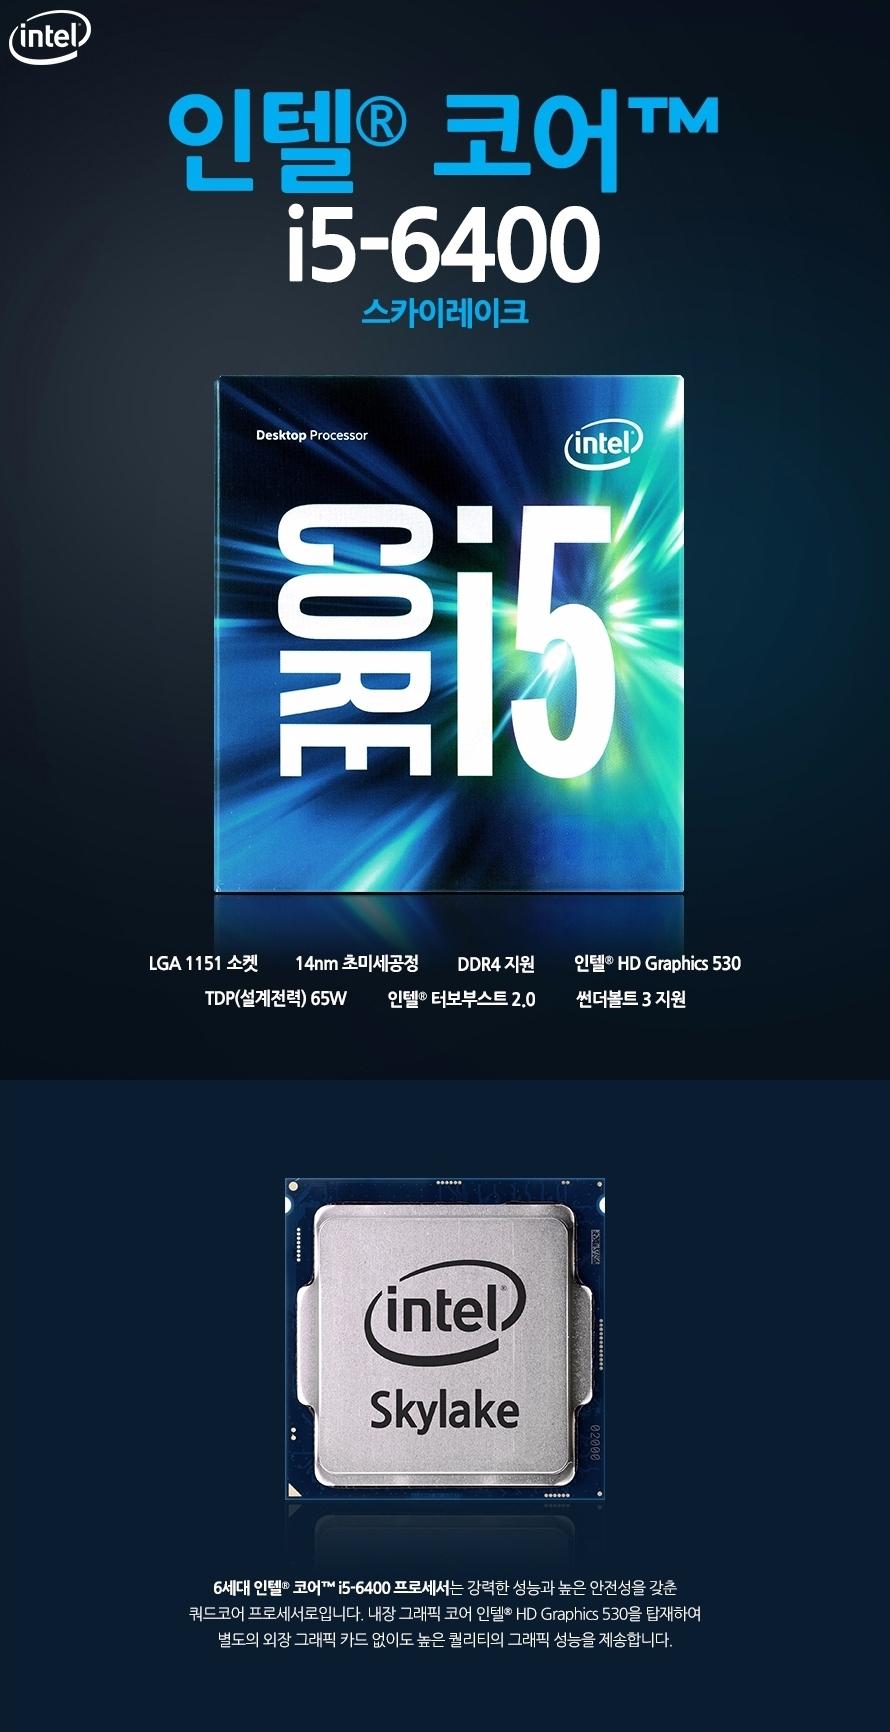 인텔 코어i5-6세대 6400 (스카이레이크)LGA 1151 소켓14nm 초미세공정DDR4 지원인텔 HD Graphics 530 TDP(설계전력) 65W인텔 터보부스트 2.0썬더볼트 3 지원6세대 인텔 코어 i5-6400 프로세서는 강력한 성능과 높은 안전성을 갖춘 쿼드코어 프로세서로입니다. 내장 그래픽 코어 인텔 HD Graphics 530을 탑재하여 별도의 외장 그래픽 카드 없이도 높은 퀄리티의 그래픽 성능을 제송합니다.